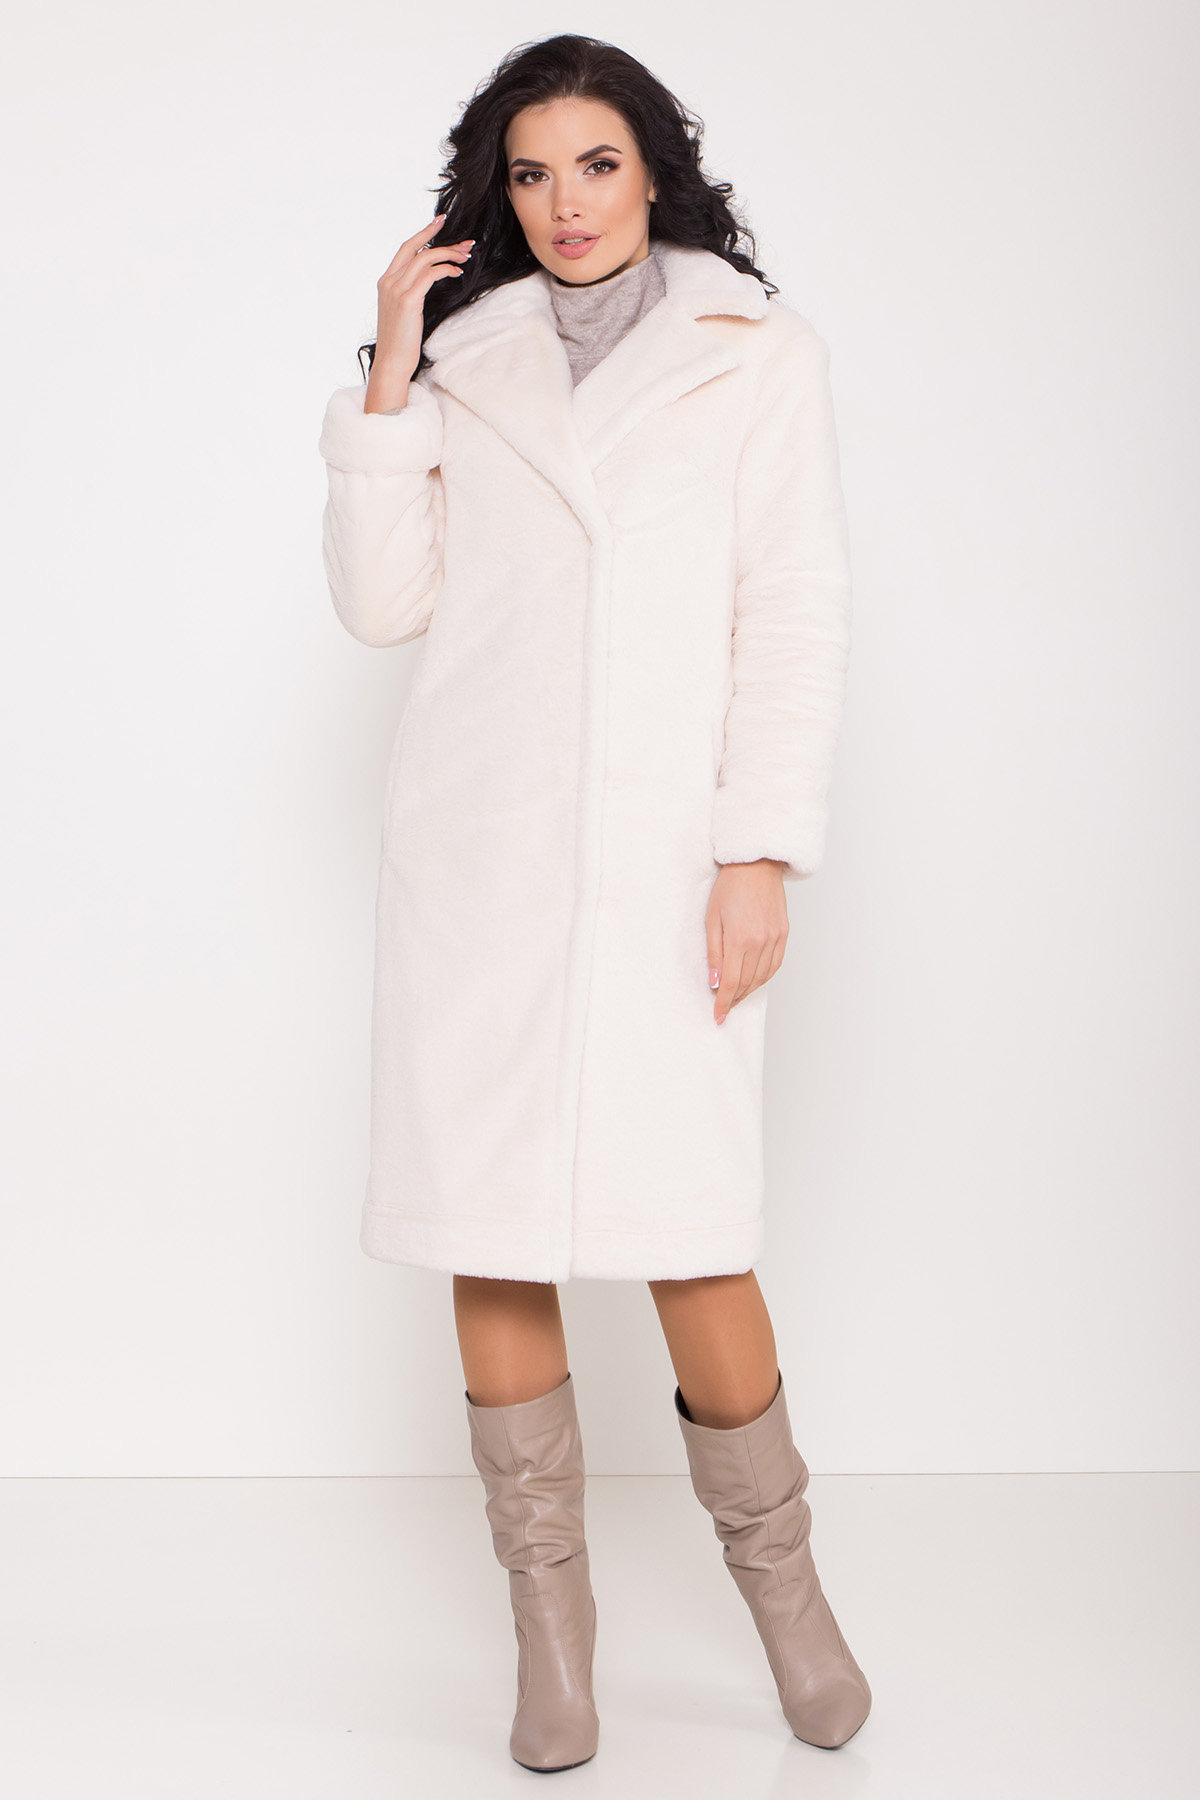 Зимнее пальто из искусственного меха норки Саманта 8641 АРТ. 44957 Цвет: Молоко - фото 8, интернет магазин tm-modus.ru